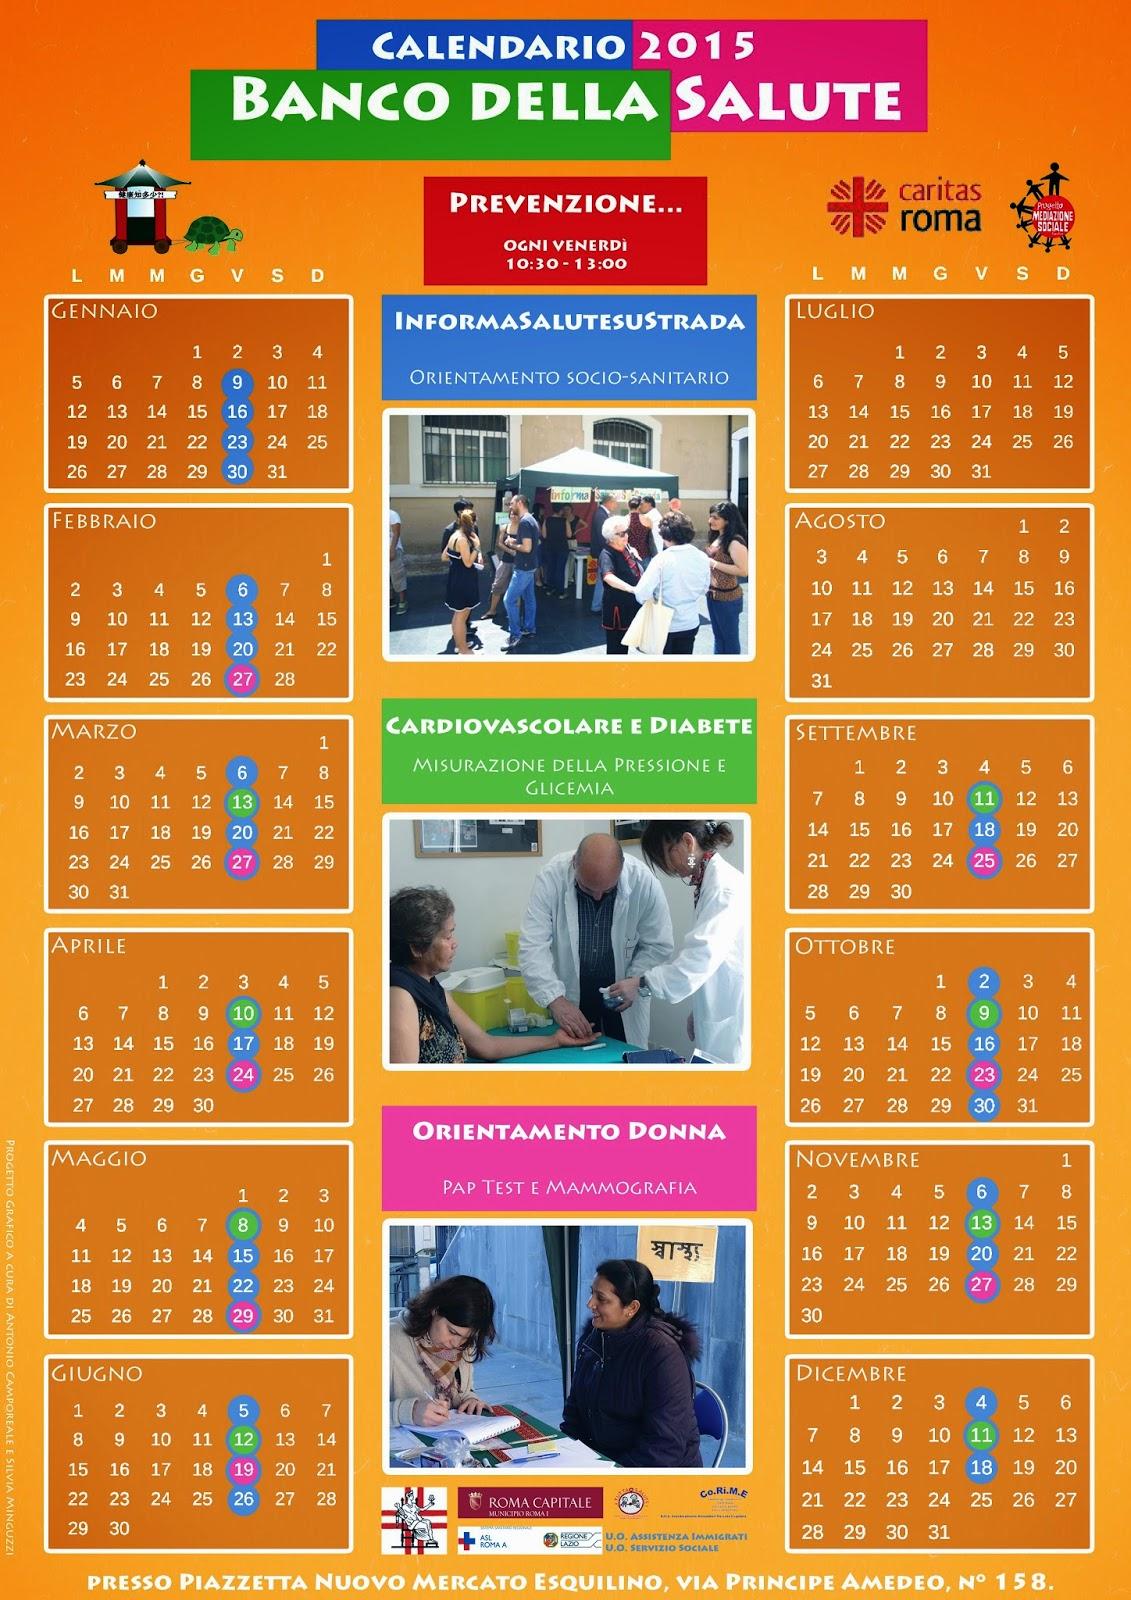 Calendario Della Salute.Progetto Mediazione Sociale Banco Della Salute Calendario